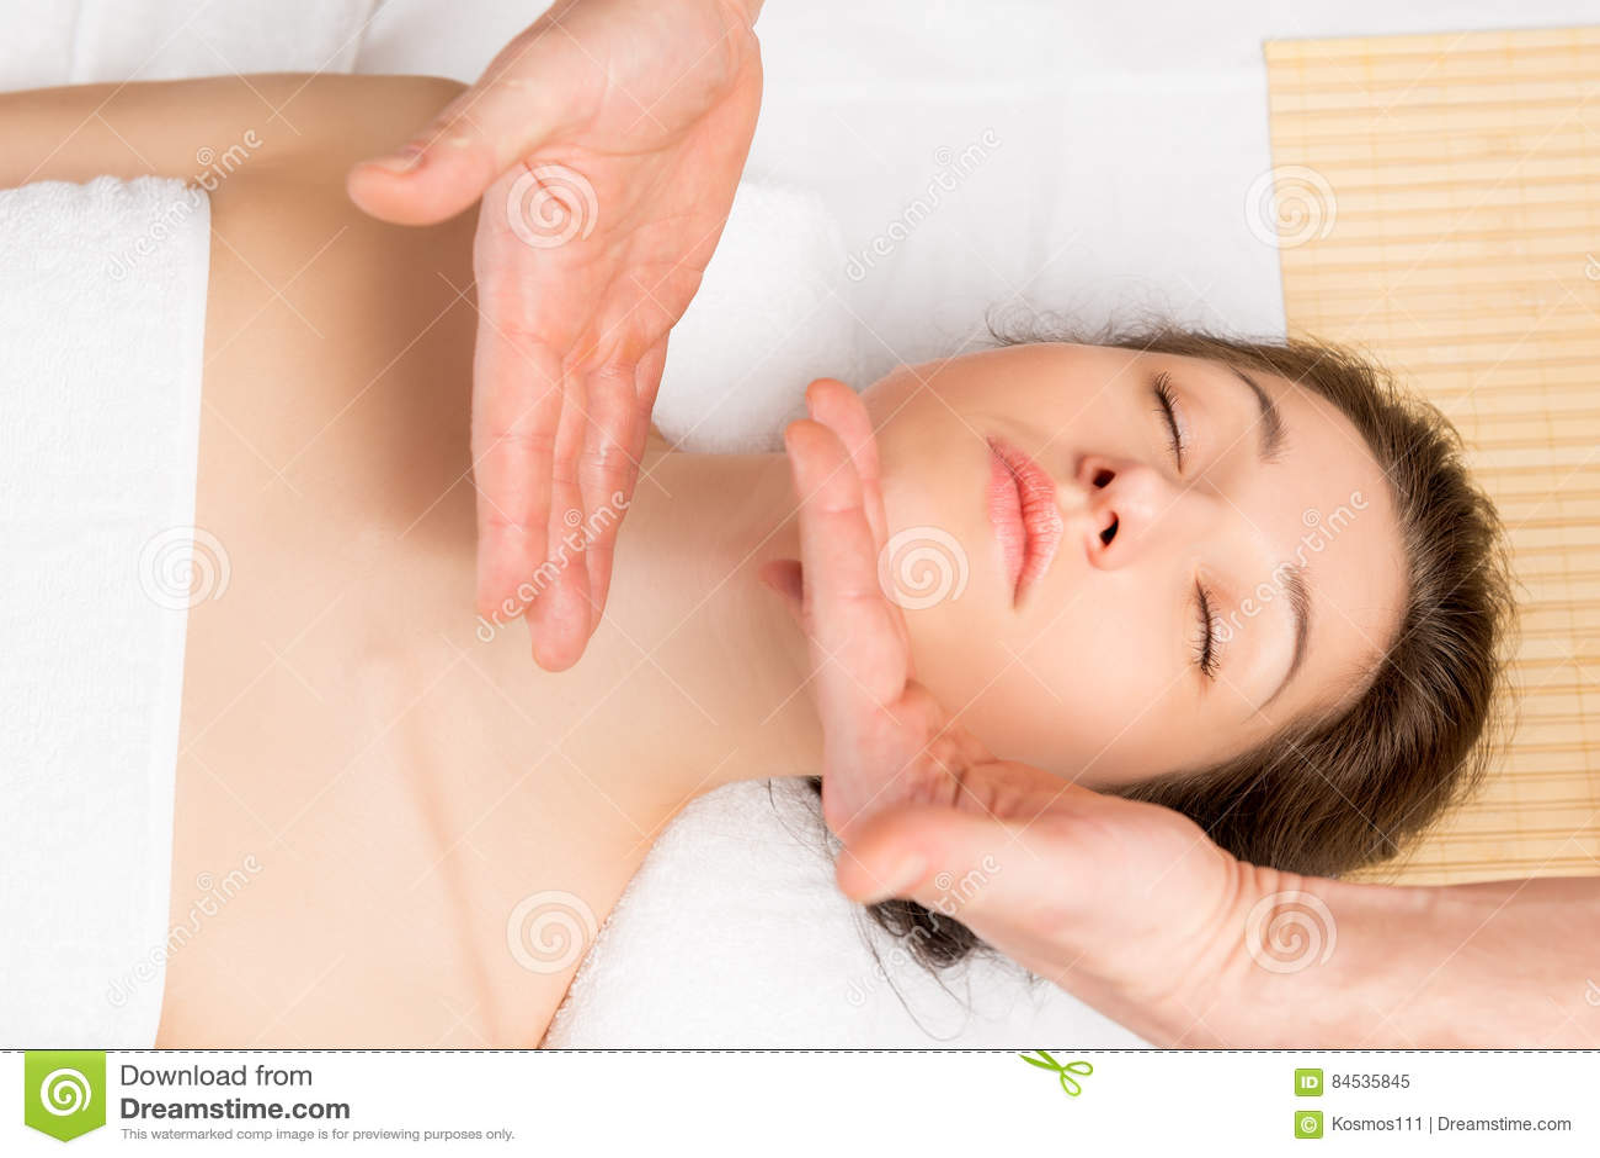 按摩脖子和面孔的手的美容师运动